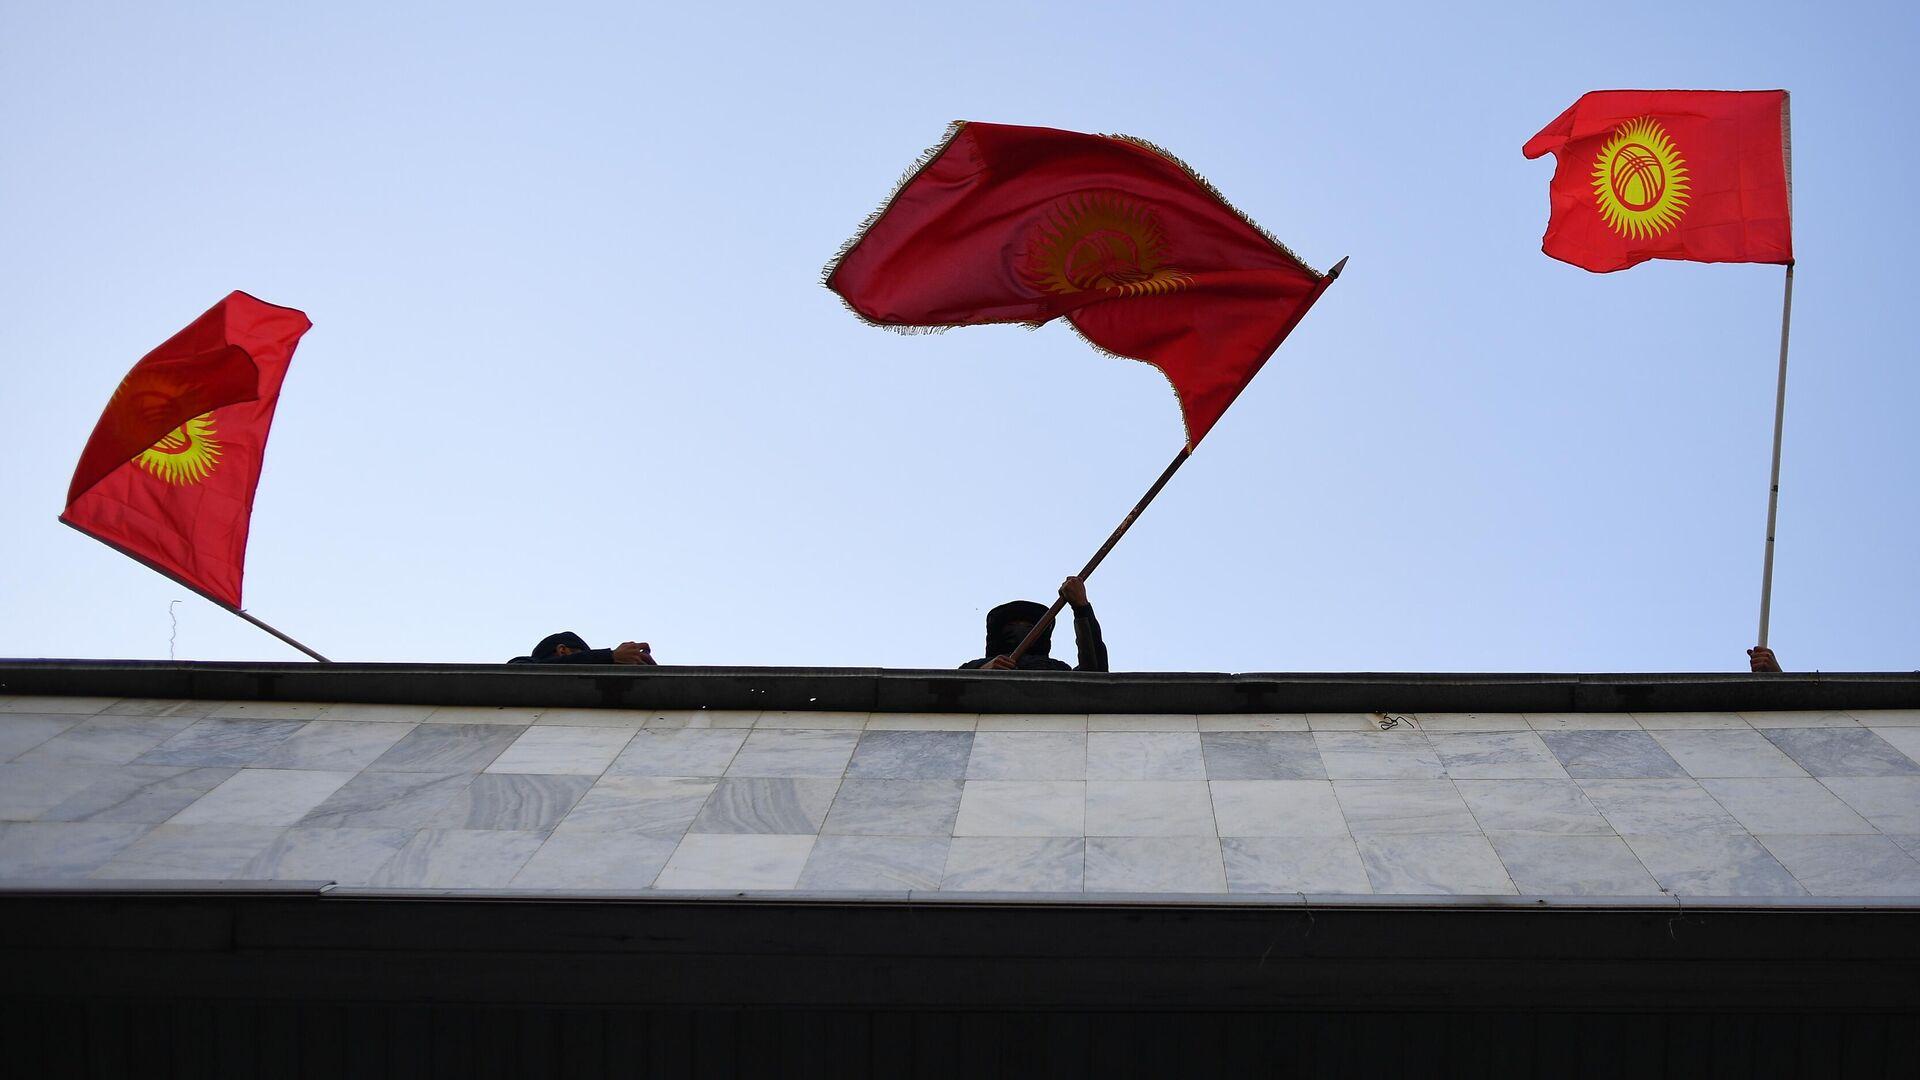 Сторонники премьер-министра Садыра Жапарова на митинге у гостиницы Иссык-Куль в Бишкеке - РИА Новости, 1920, 21.10.2020